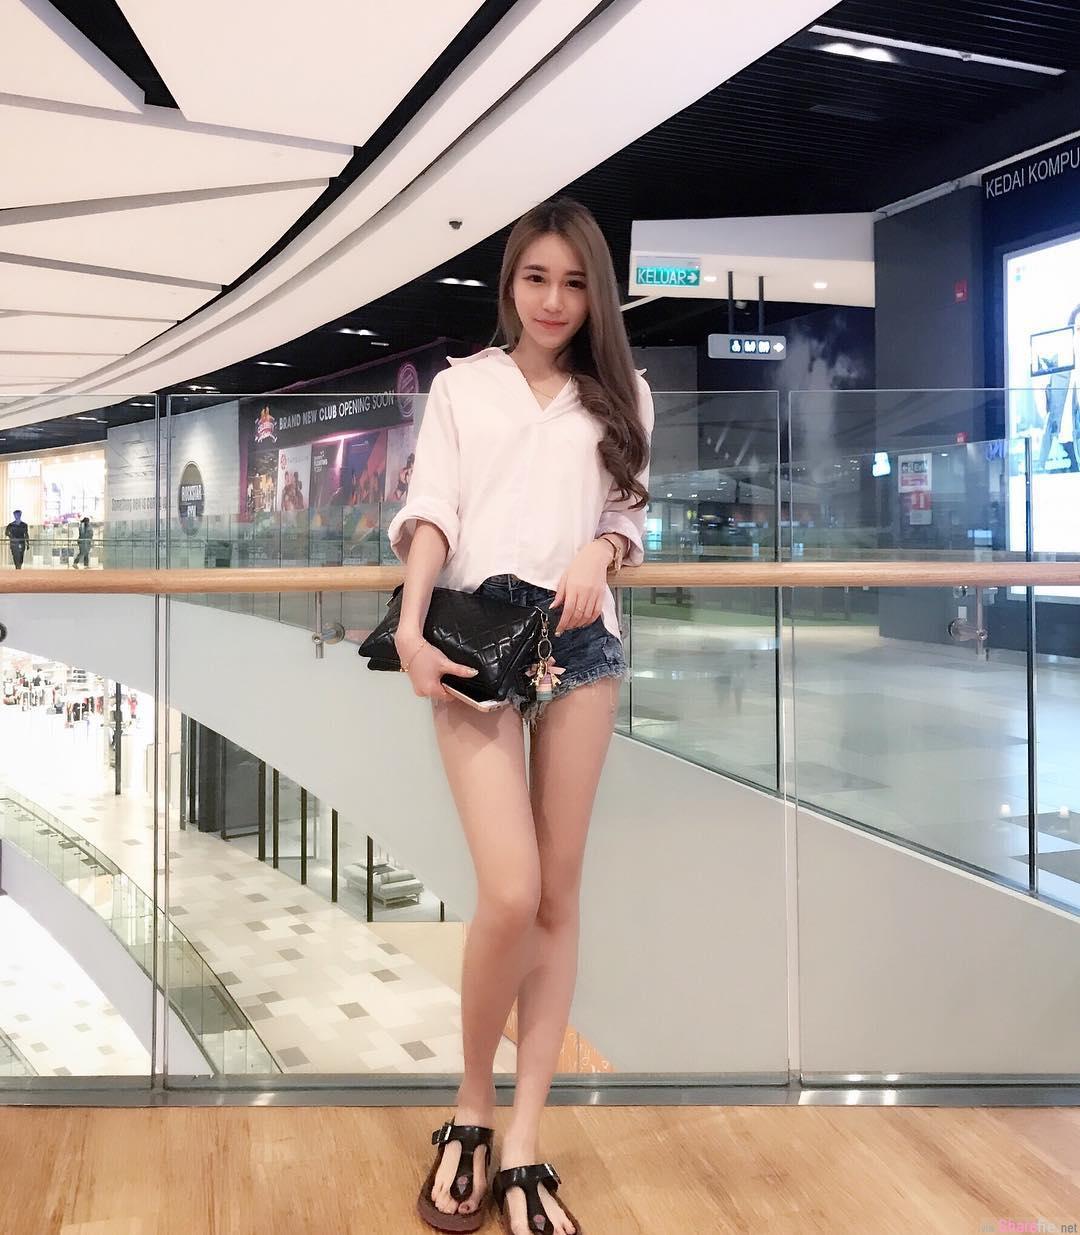 大马商场遇见长腿美少女,一秒就恋爱了